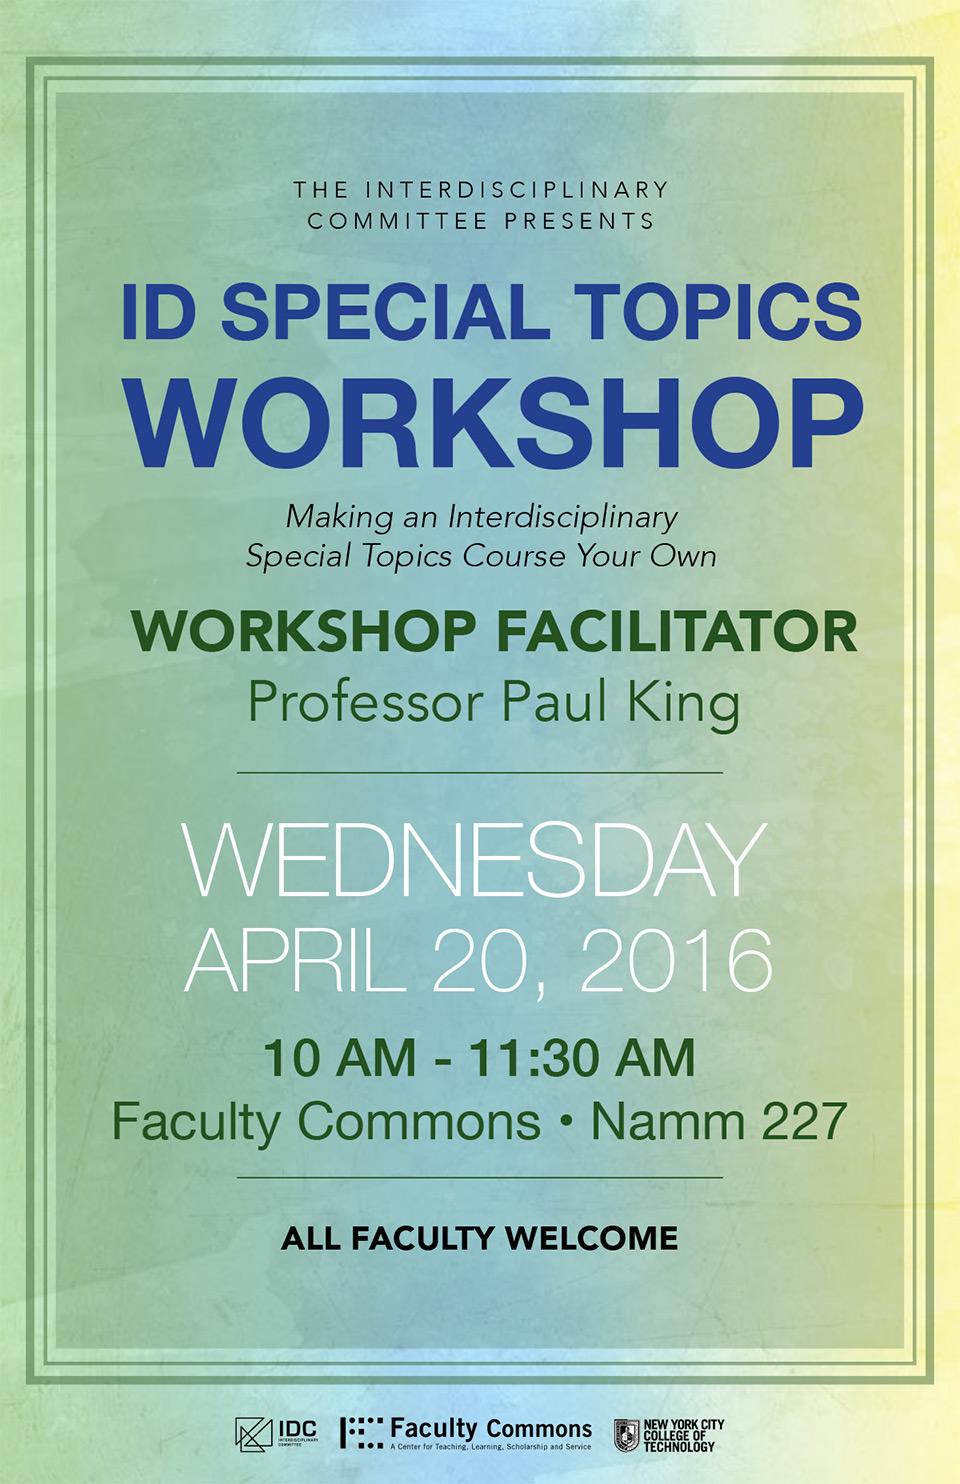 ID Special Topics Workshop 1